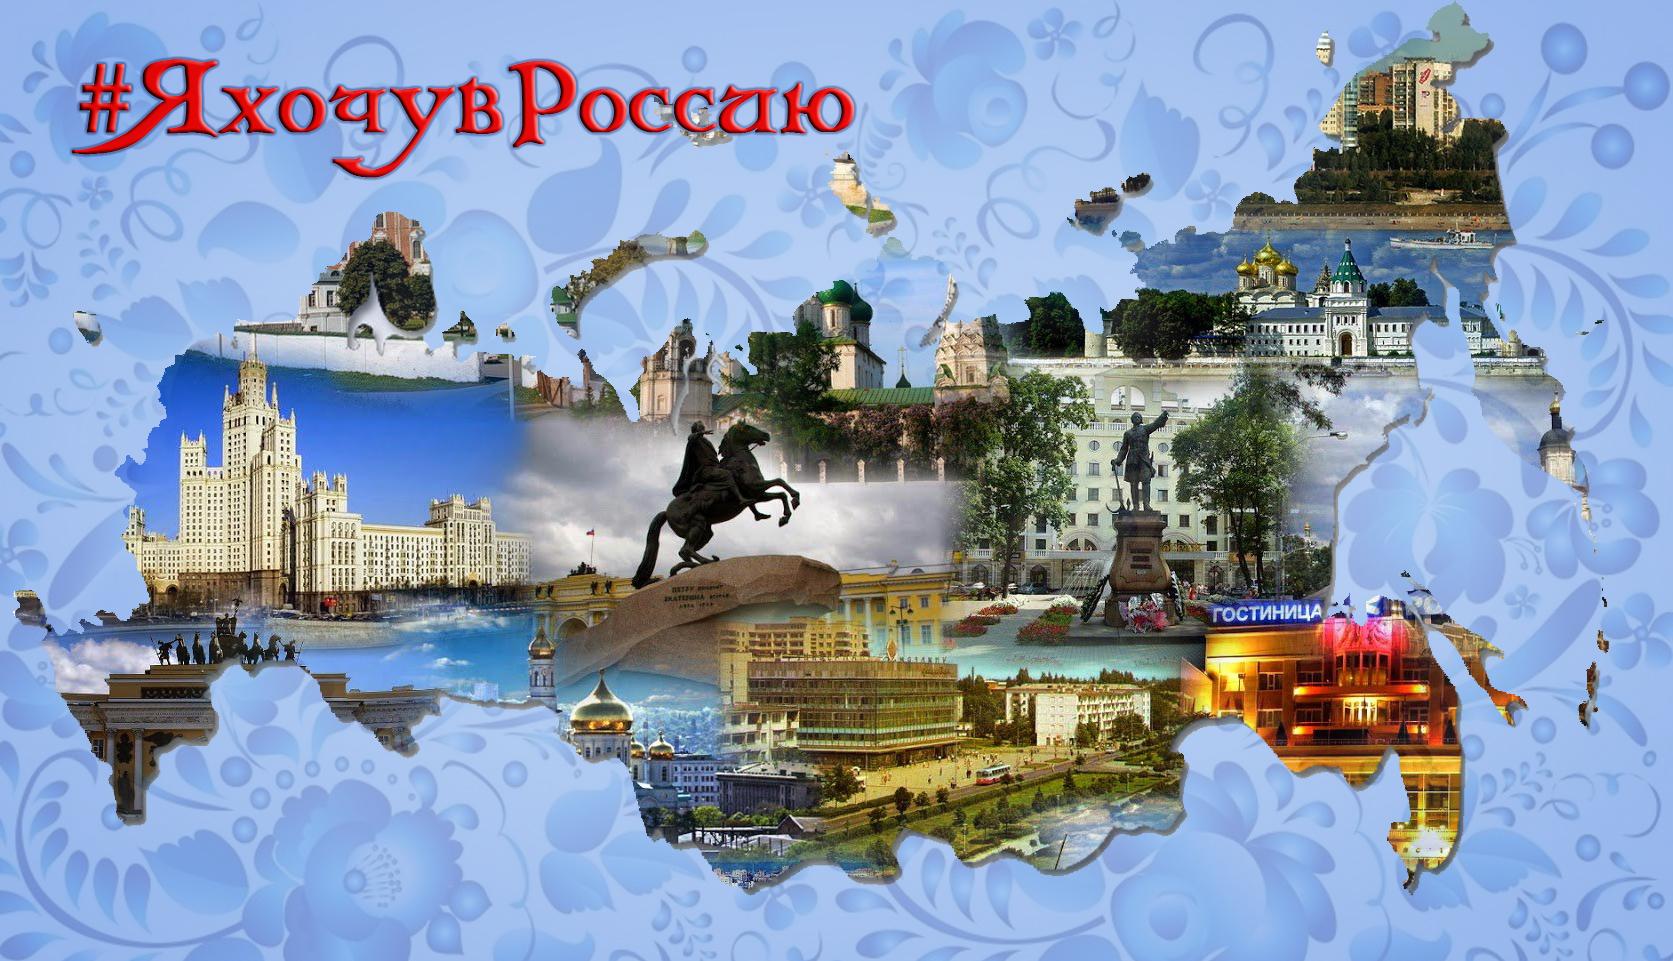 Конкурс флешмоб «Я хочу в Россию»